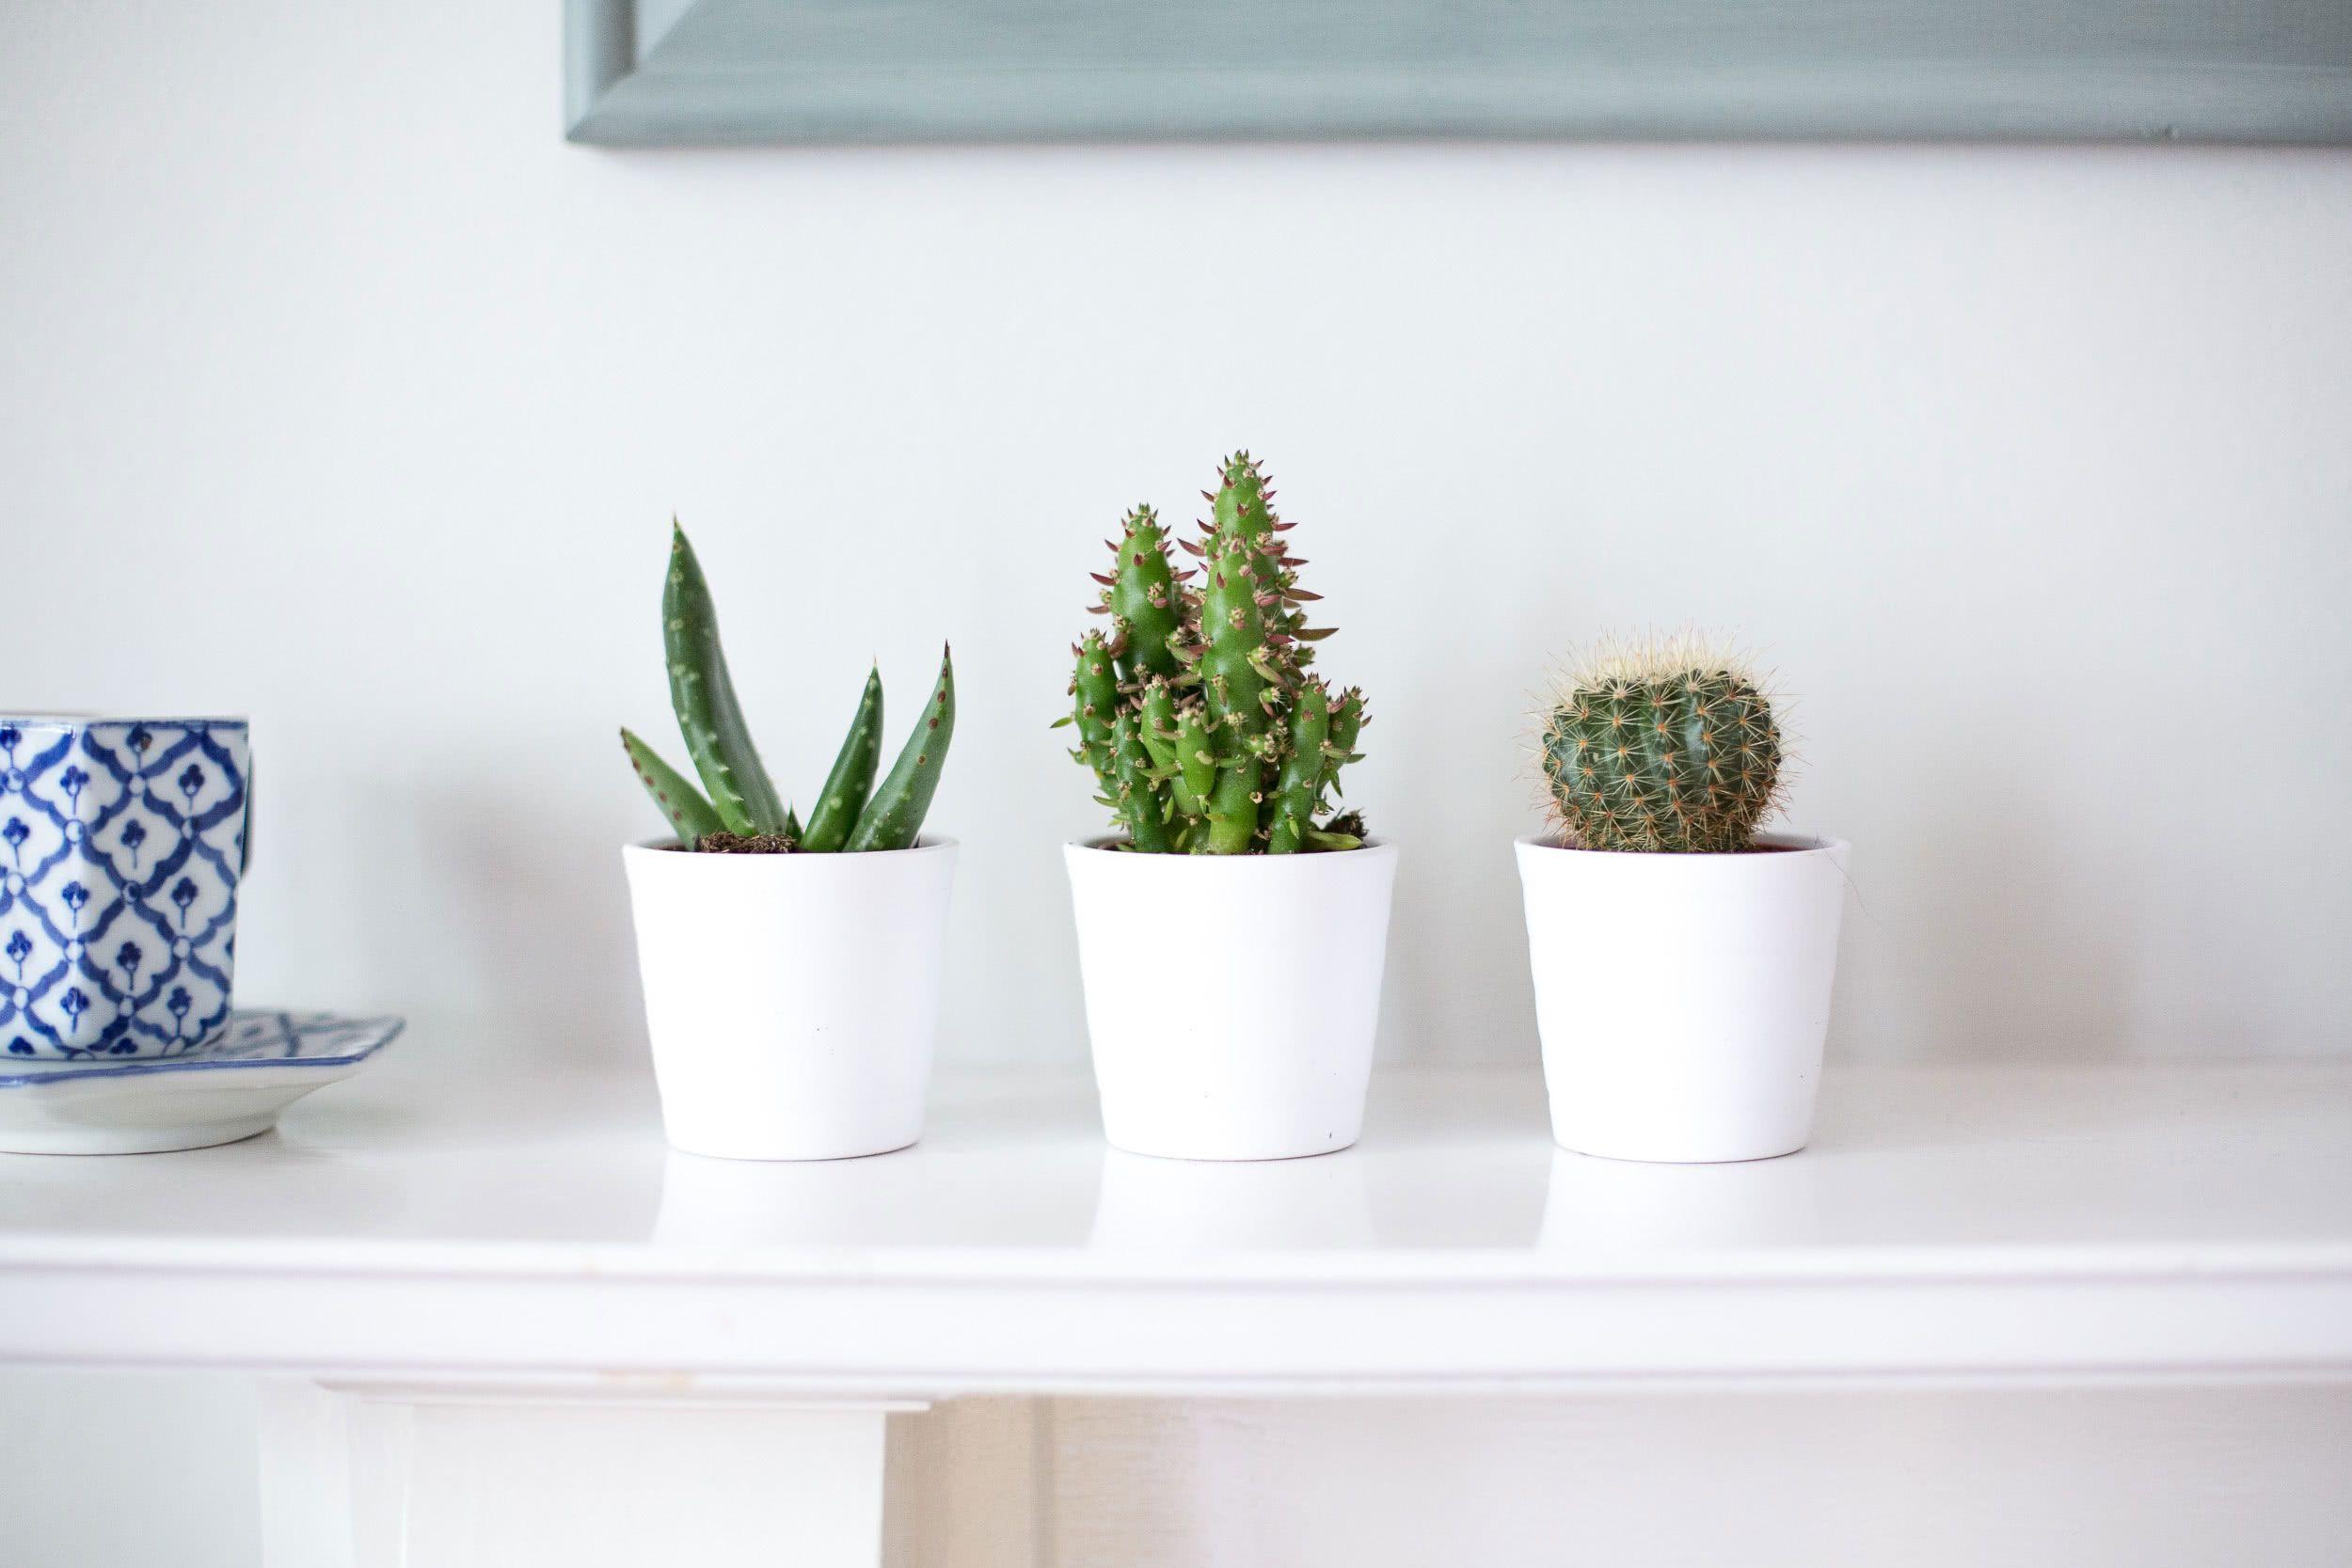 Se você for optar por cactos pequenos, insira mais vasos na decoração.